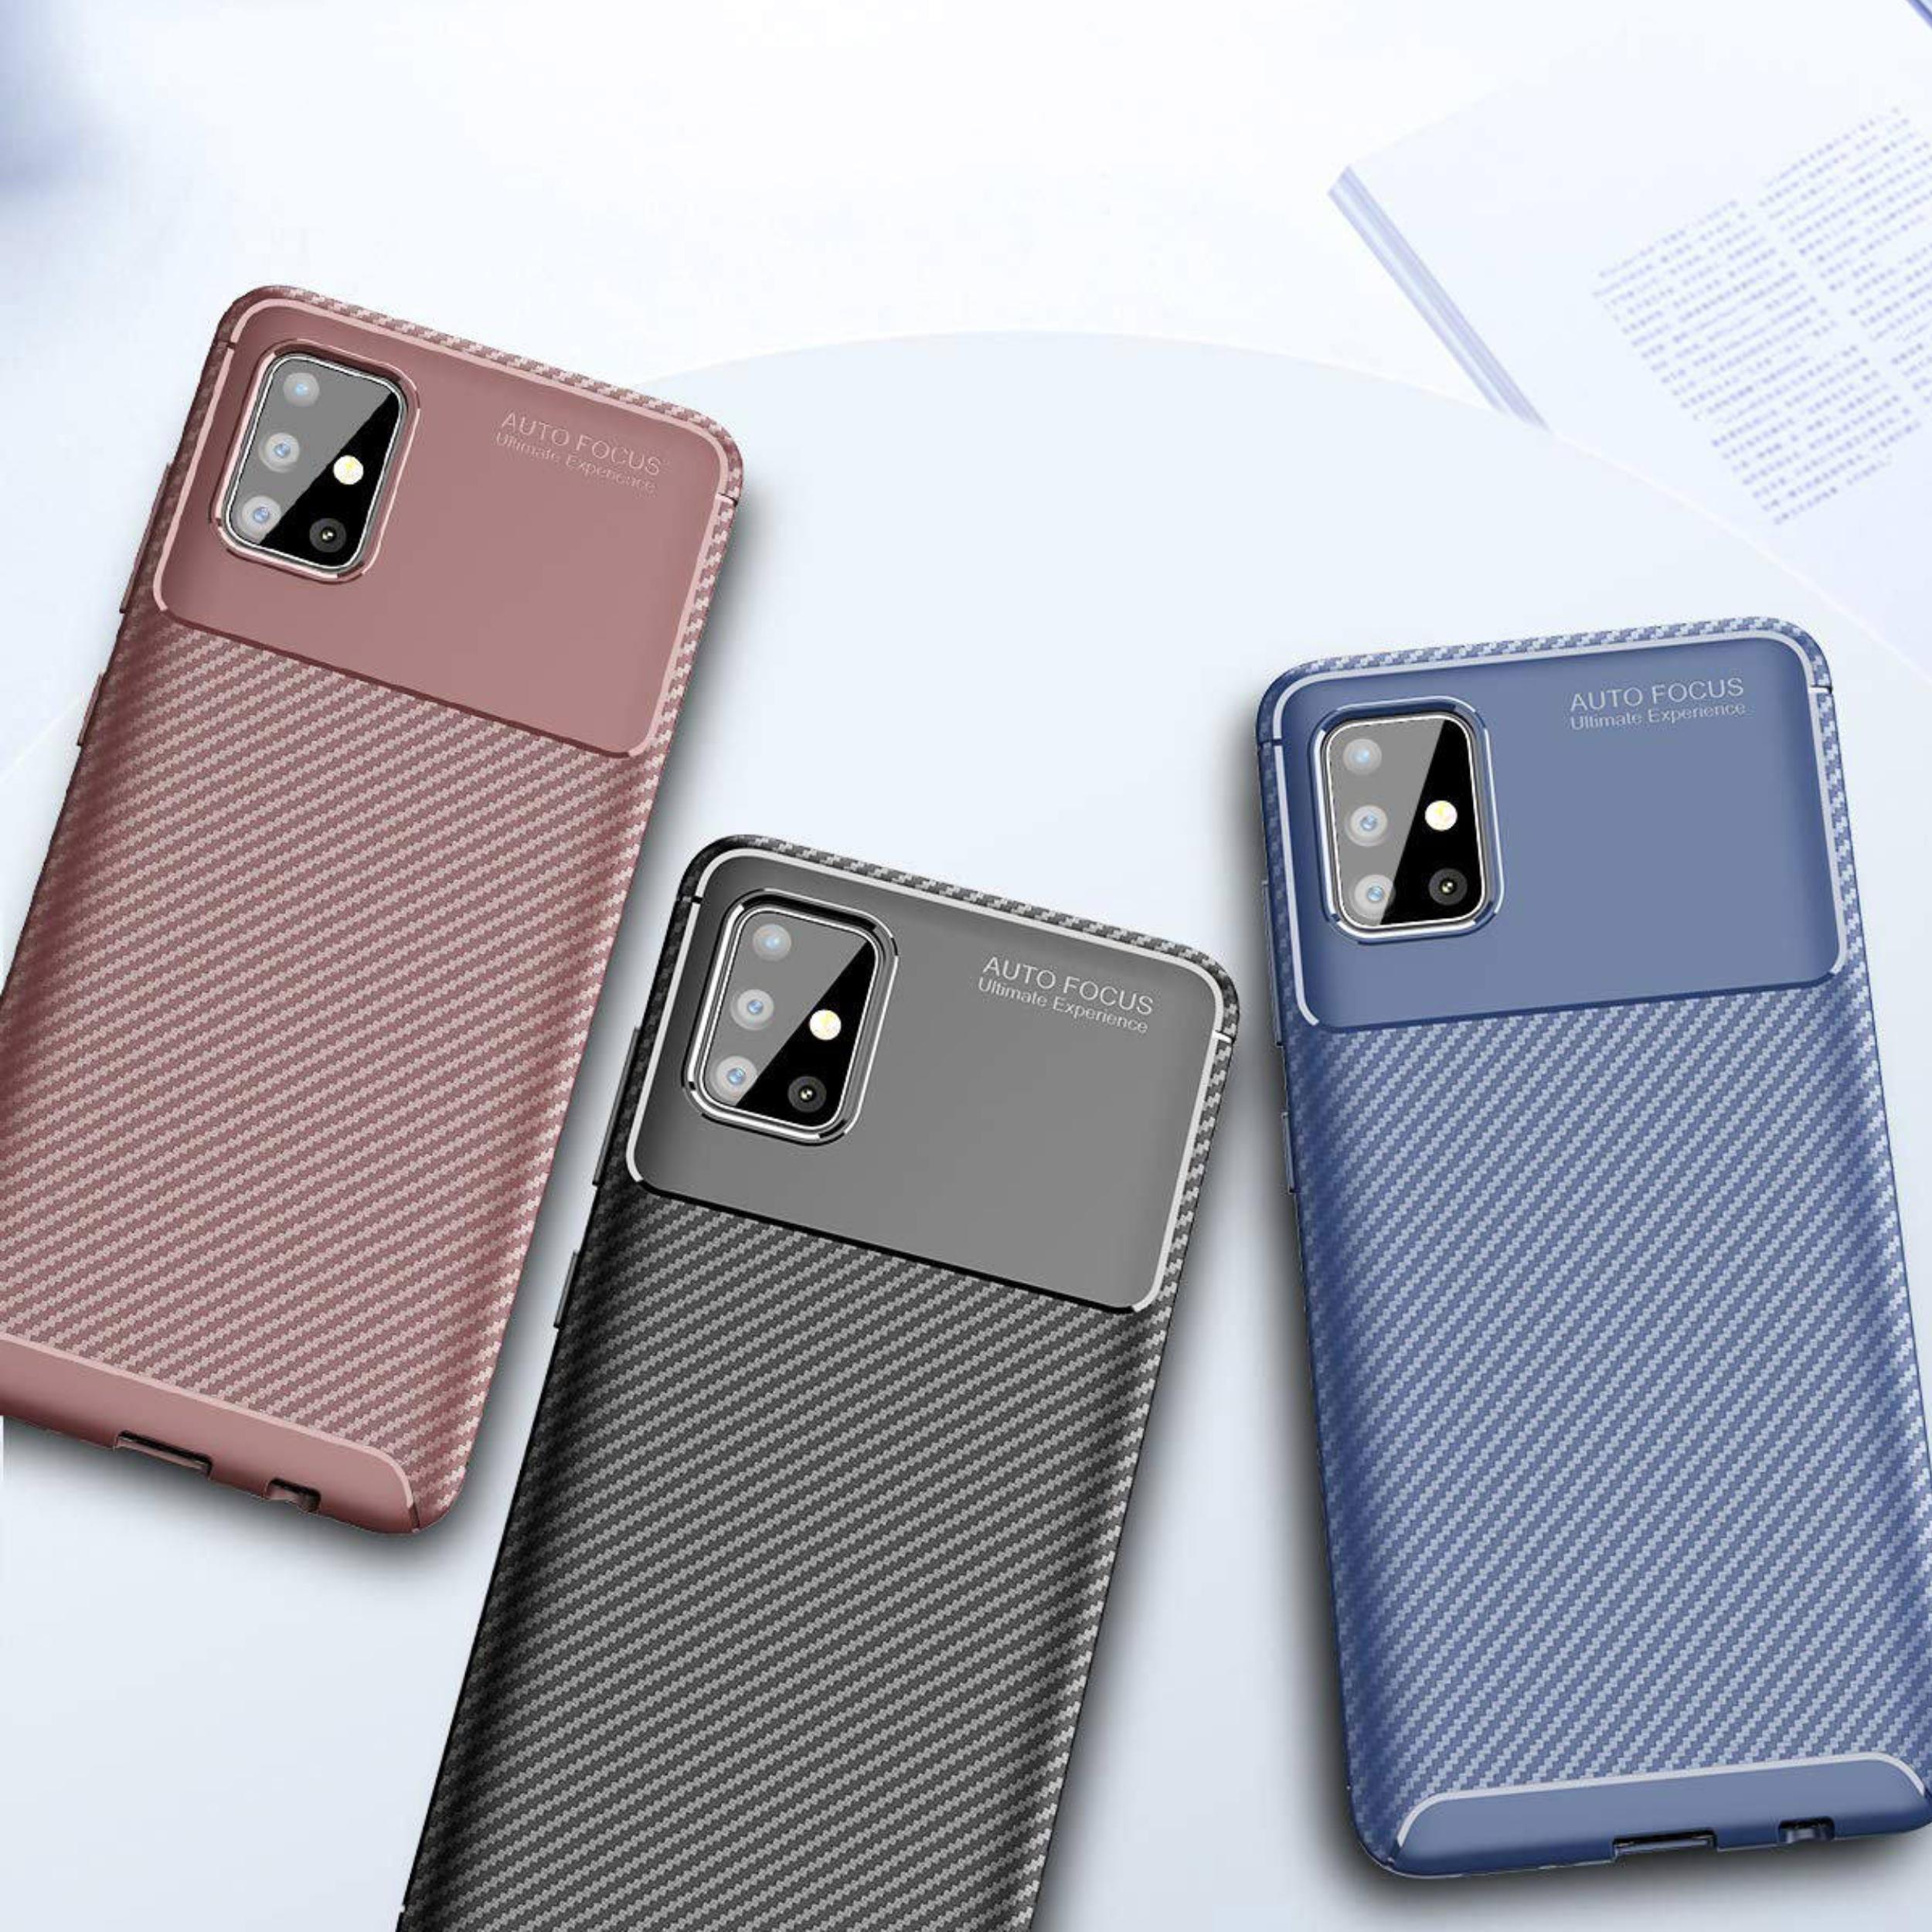 کاور لاین کینگ مدل A21 مناسب برای گوشی موبایل سامسونگ Galaxy A71 thumb 2 5